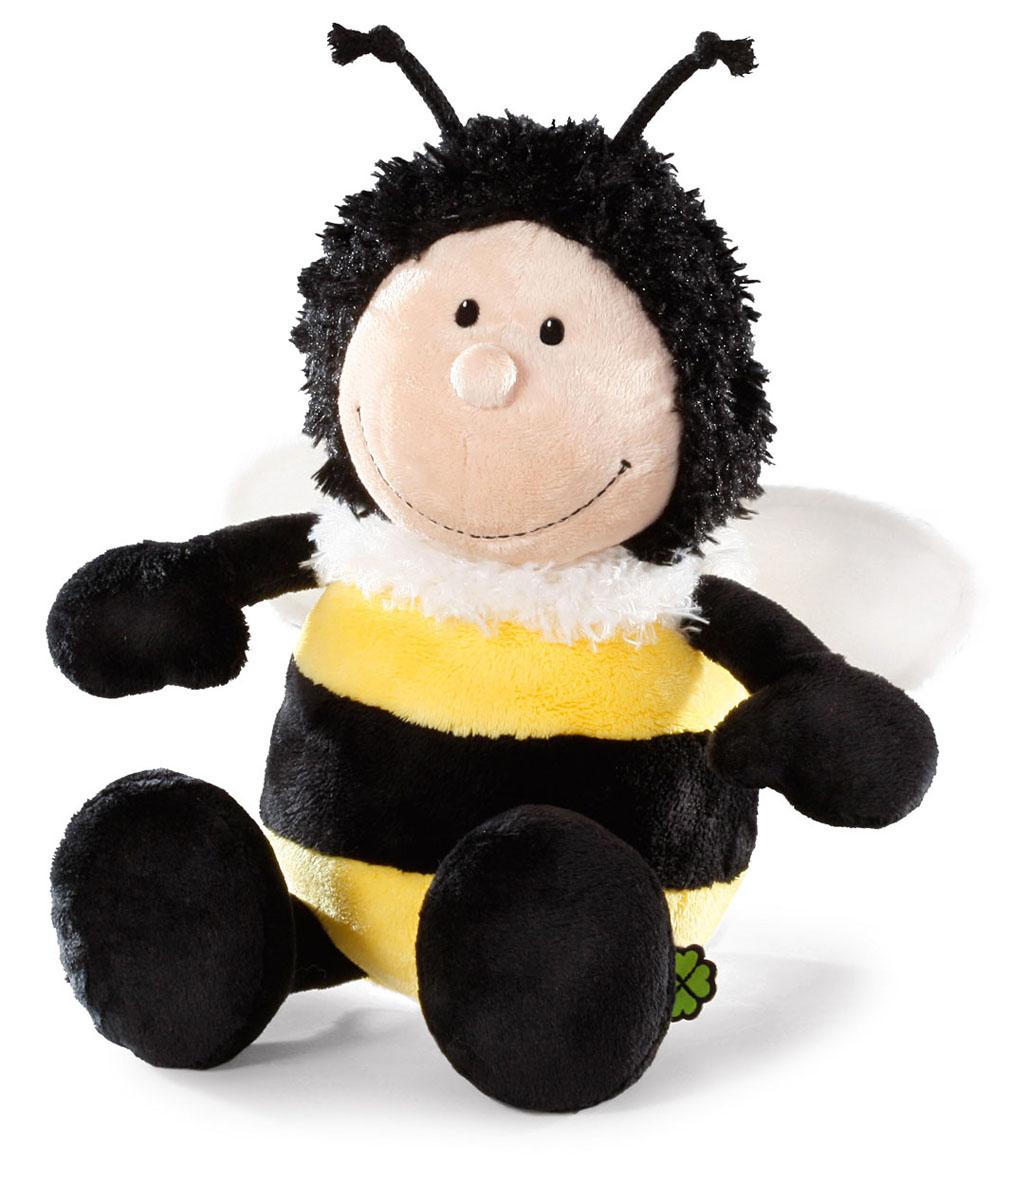 Мягкая игрушка Nici Шмель, сидячая, 35 см36868Мягкая игрушка Nici Шмель выполнена в виде симпатичного шмеля. Удивительно мягкая игрушка изготовлена из высококачественного текстильного материала черного, желтого, бежевого и белого цветов с набивкой из синтепона и пластиковых гранул. Глазки у шмеля пластиковые, вокруг шеи имеется белый пушок, также у него есть усики, а за спиной - небольшие крылышки. Игрушку легко можно посадить на ровную поверхность. Оригинальный стиль и великолепное качество исполнения делают эту игрушку чудесным подарком к любому празднику. Немецкая компания Nici является одним из лидеров на Европейском рынке мягких игрушек и подарков. Продукцию компании можно встретить везде: это и значок на школьном рюкзаке, и магнит на холодильнике, и поздравительная открытка, и мягкая игрушка, и автомобильный талисман. Игрушки Nici - это товары высочайшего качества и инновационного дизайна. Для создания всего одной игрушки работает большое количество людей и используется самое современное оборудование...